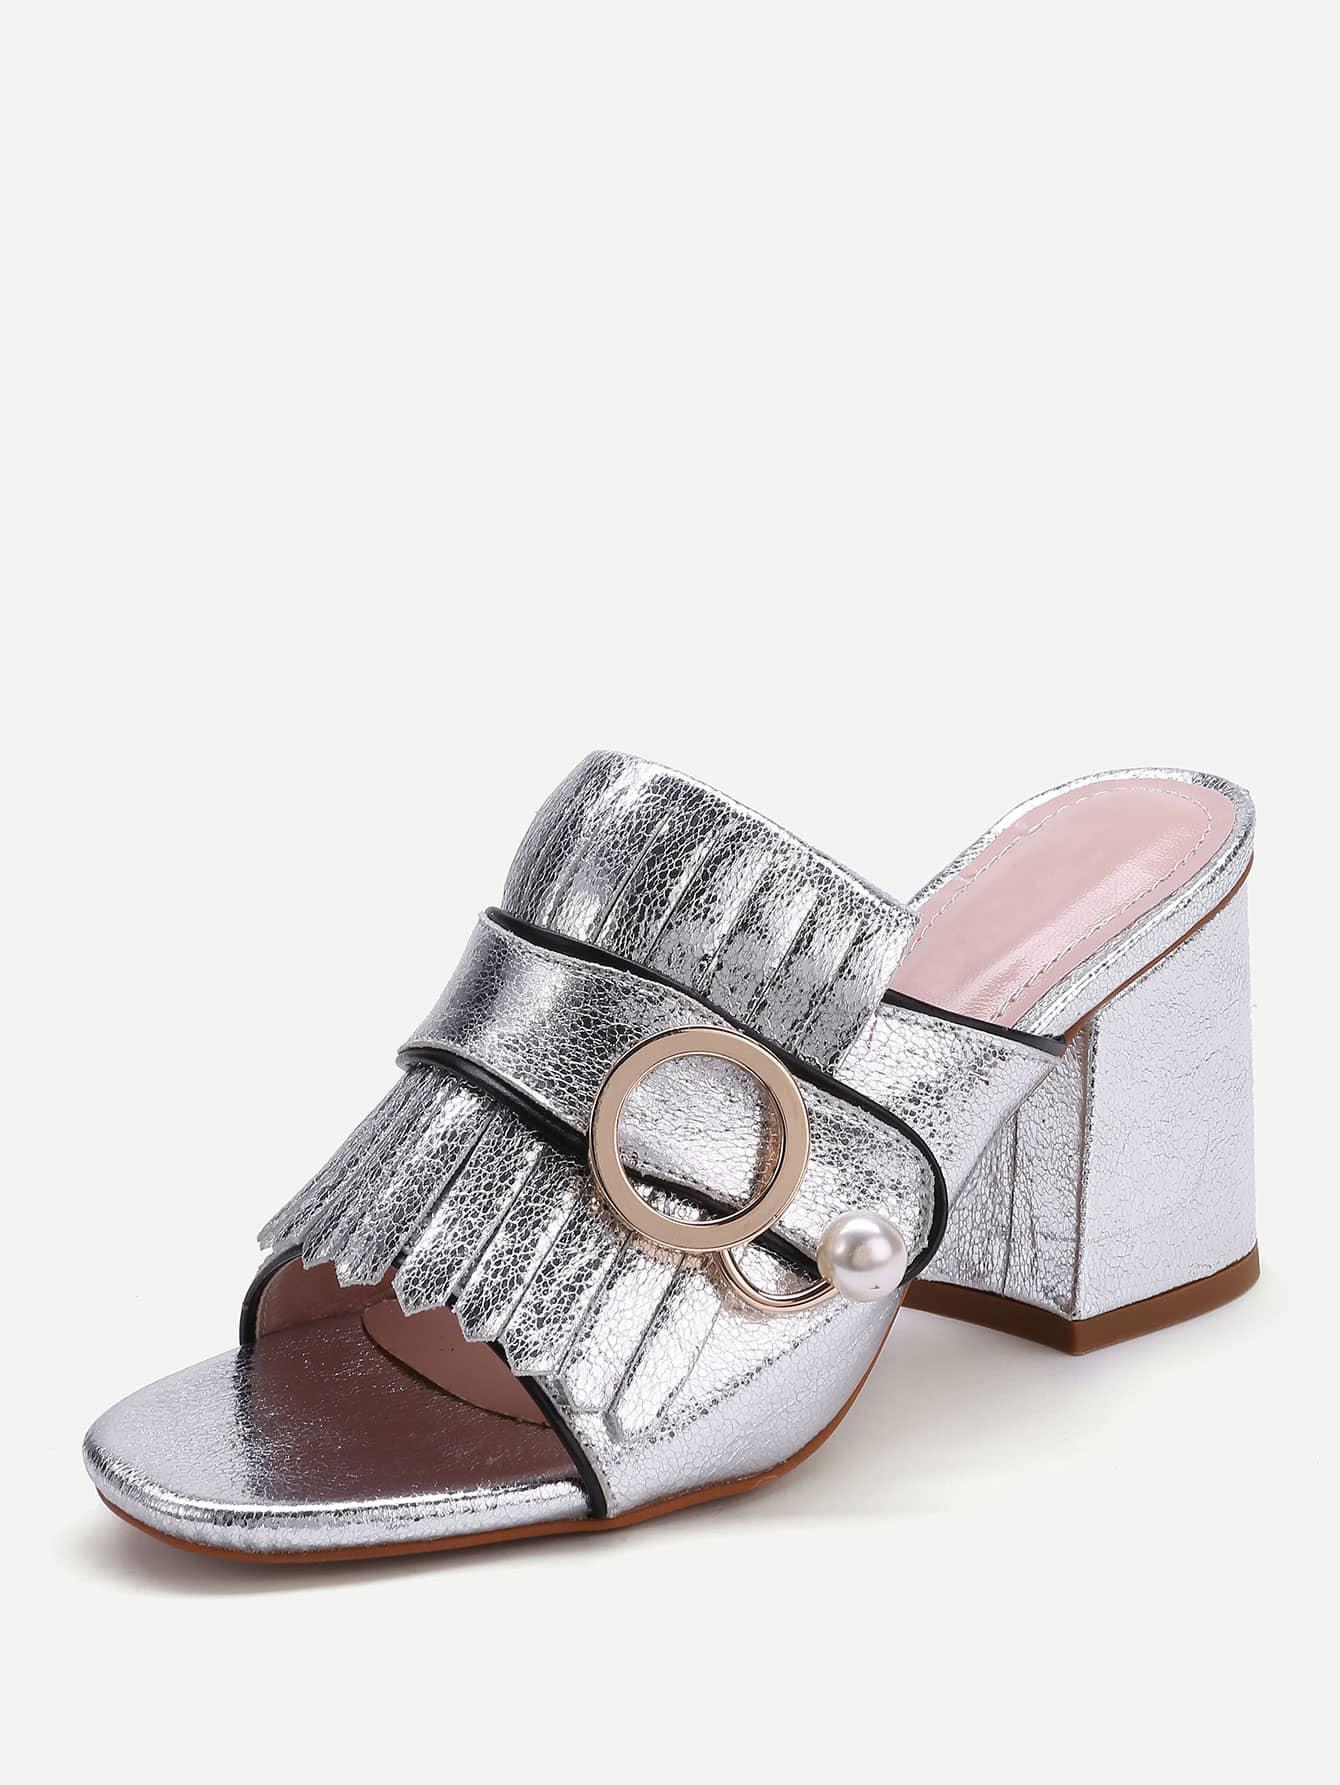 shoes170424803_2